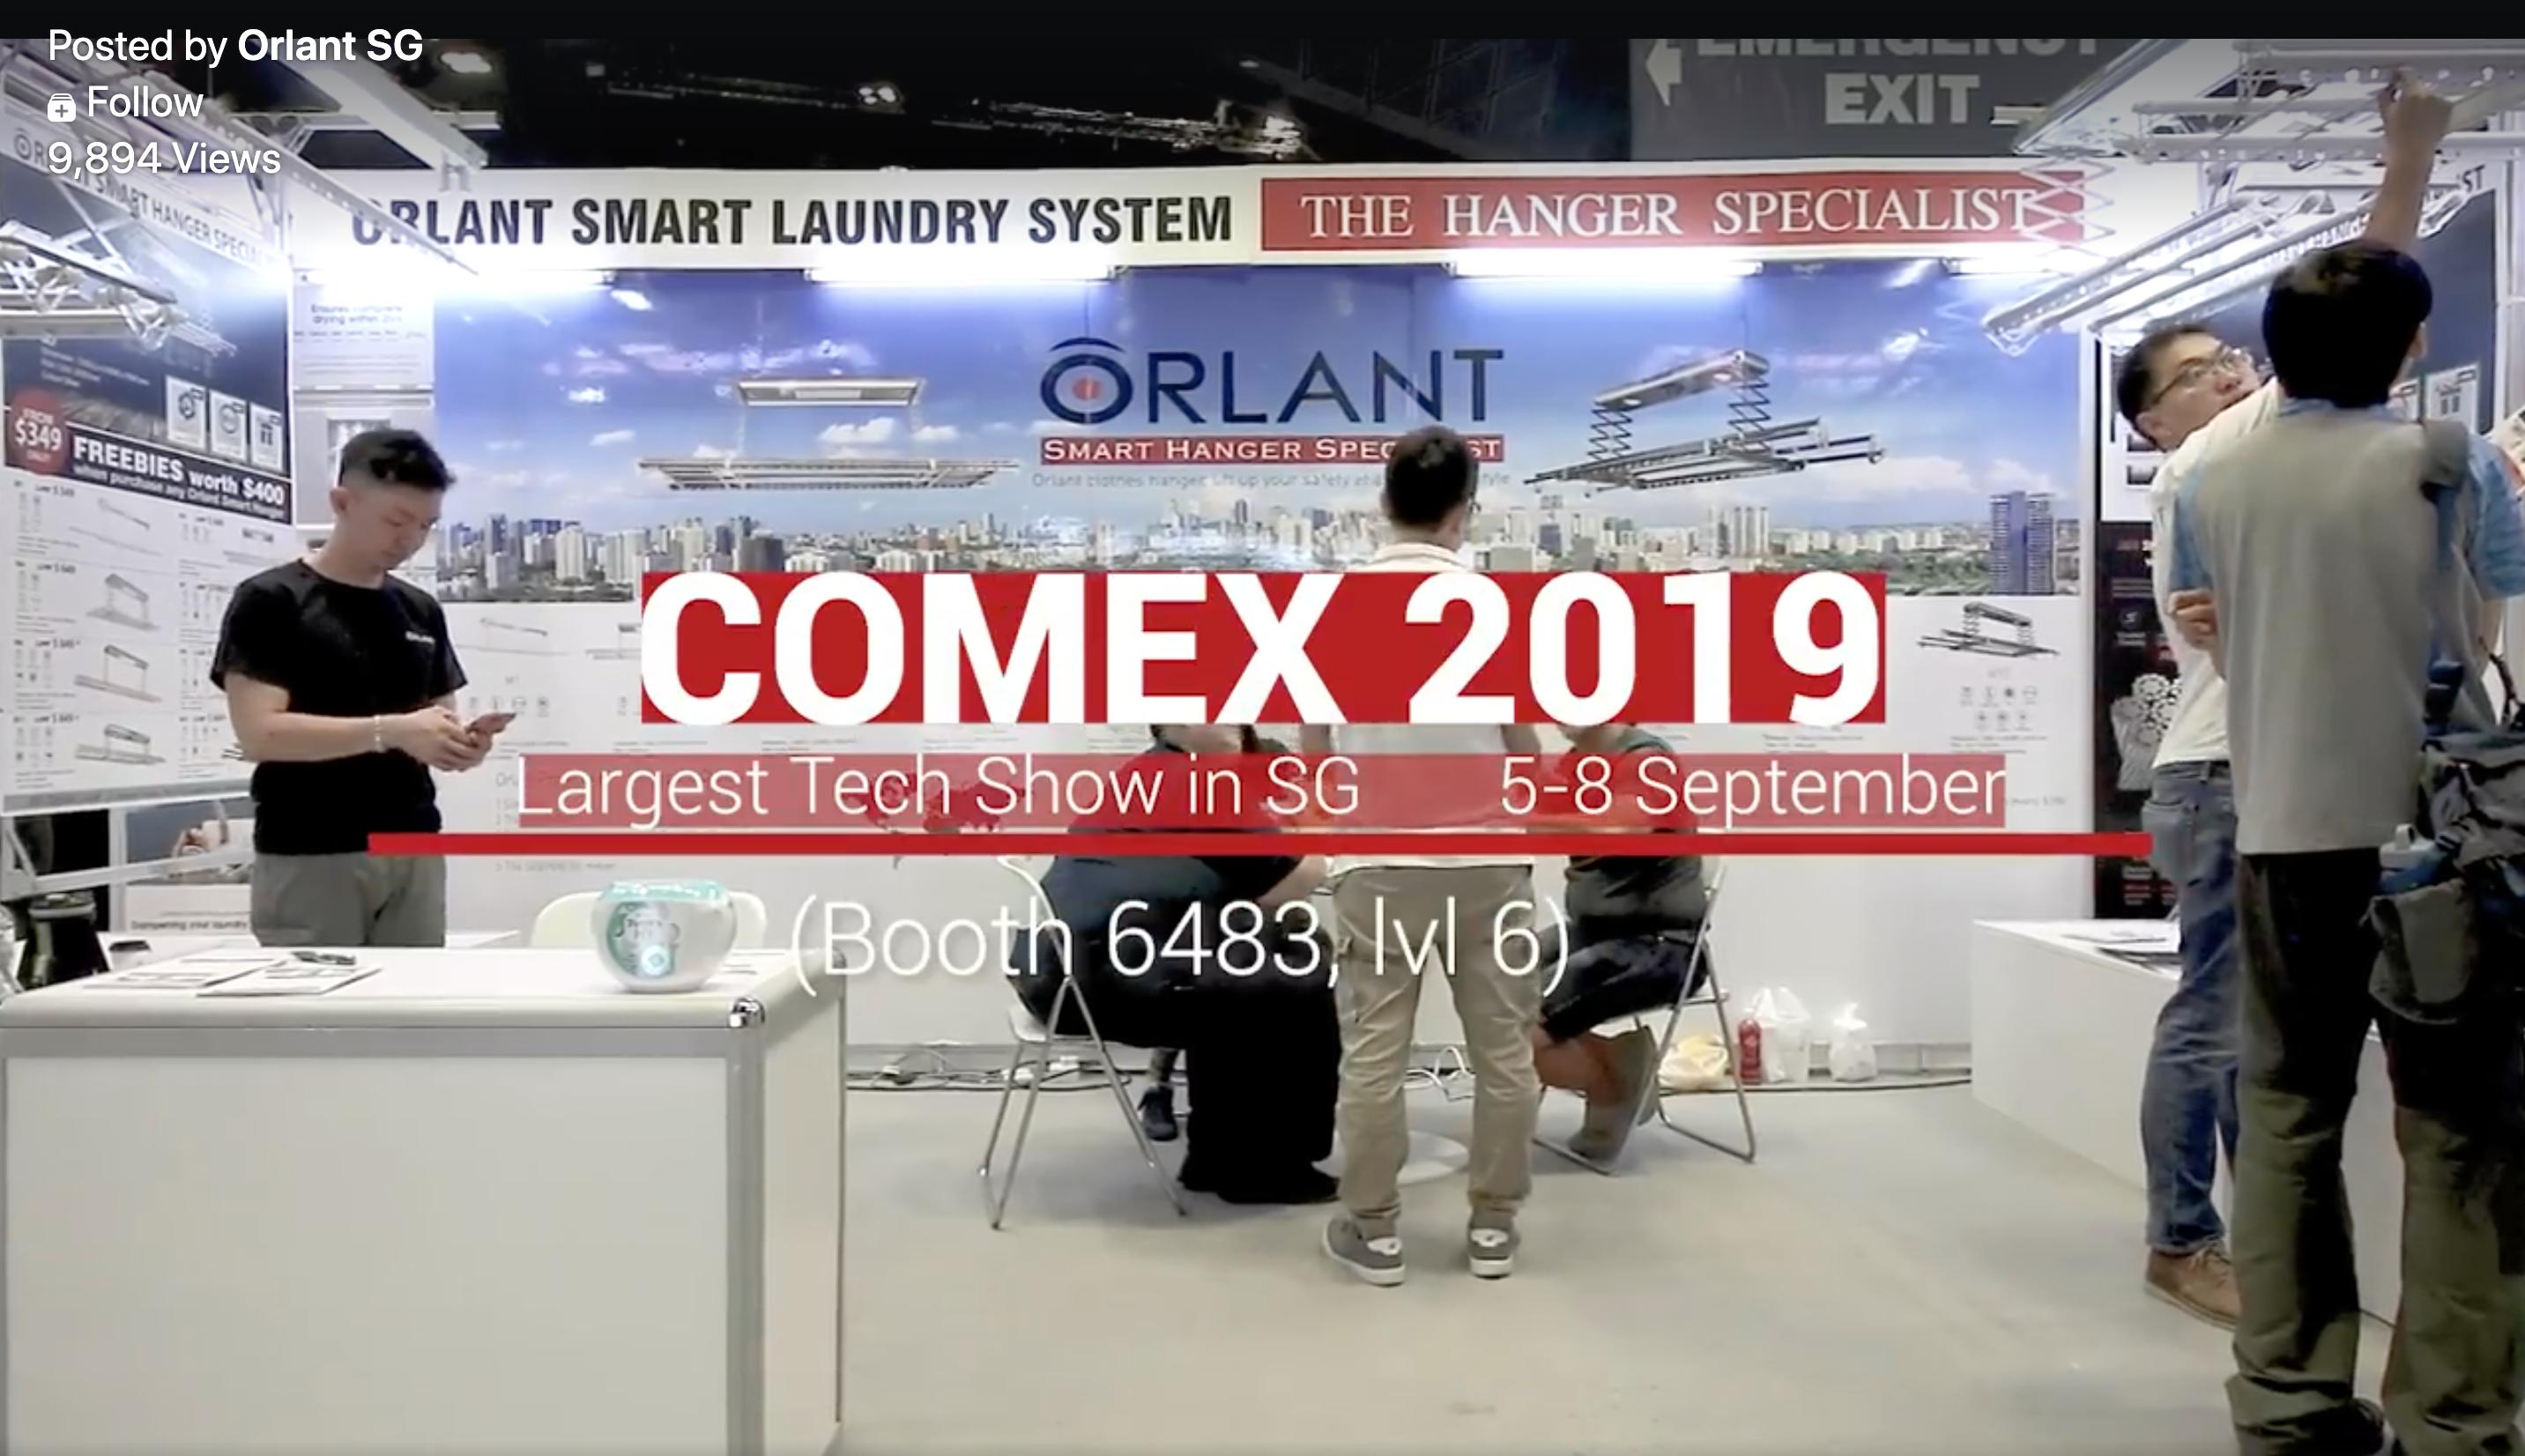 COMEX 2019